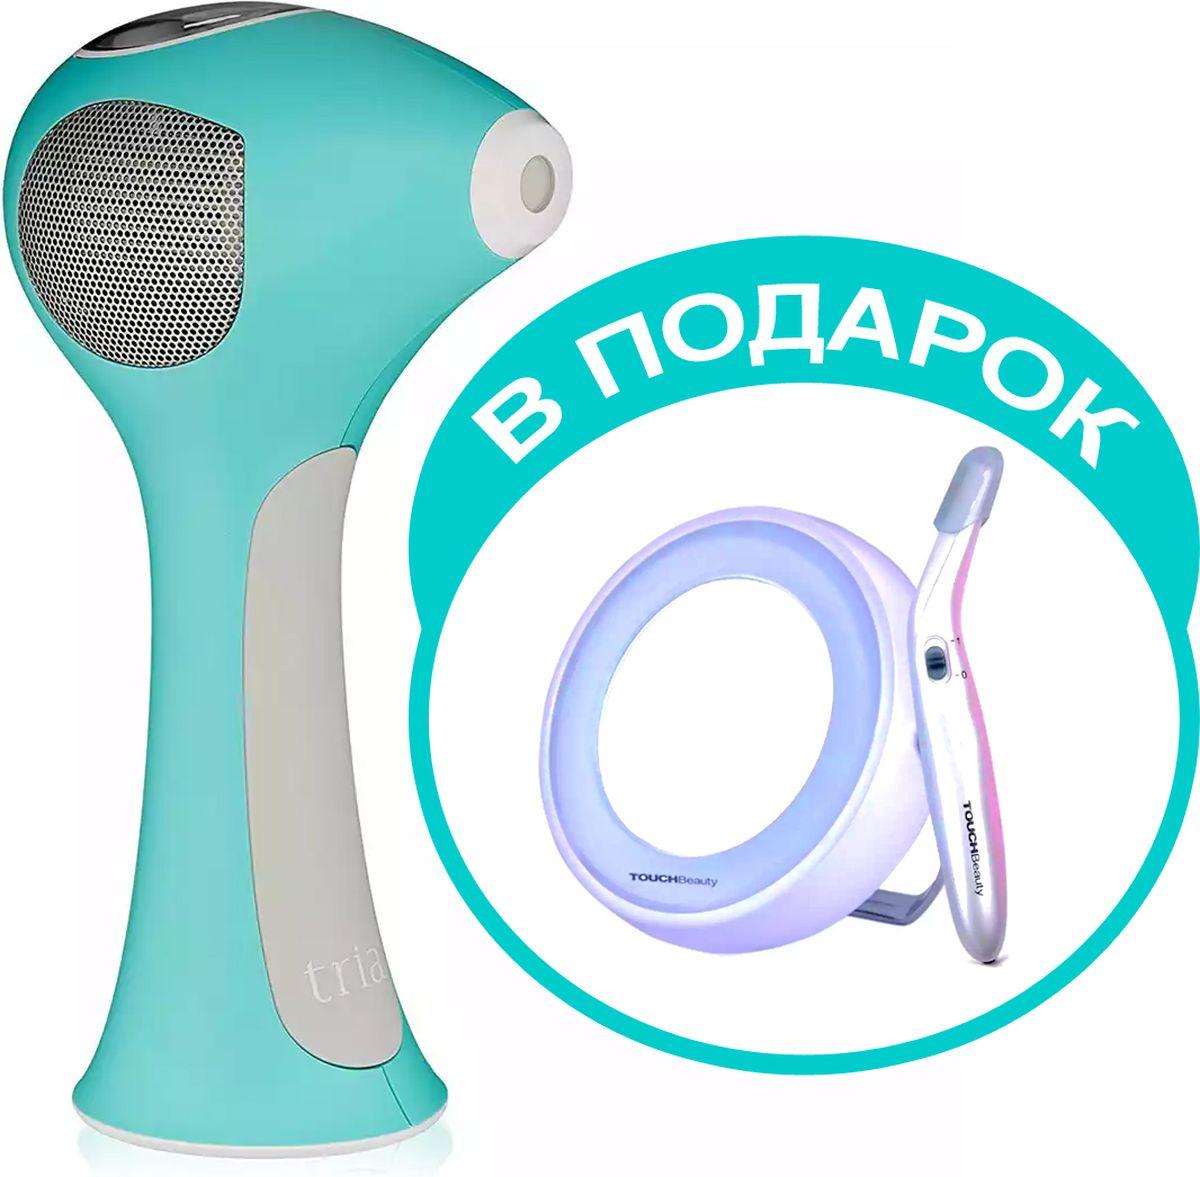 TRIA Лазерный эпилятор Hair Removal Laser4X Turquoise + ПОДАРОК! Косметический набор TOUCHBEAUTY AS-1001891753001617Лазерный эпилятор для домашнего использования. Это устройство для удаления нежелательных волос, адаптированное для безопасного использования в комфортной домашней обстановке. Гарантирует гладкую кожу и быстрое сокращение роста волос после полного курса применения. Беспроводная система идеальна для использования на теле и лице. С помощью зарядного устройства зарядите лазер, а затем пользуйтесь им в любом месте, где вам удобнее всего. Аппликатор излучает лазерный свет во время применения. Точность аппликатора обеспечивает безопасность применения для труднодоступных мест. Прибор всегда готов к работе. Без дополнительных картриджей! Не нужно покупать дополнительные запасные части в дальнейшем, никаких лишних расходов! Индивидуальная настройка уровня энергии: 5 настроек интенсивности светового импульса. Счетчик импульсов считает количество импульсов за процедуру для достижения максимальных результатов. Датчик типа кожи - функция, которая разблокирует устройство для безопасного...